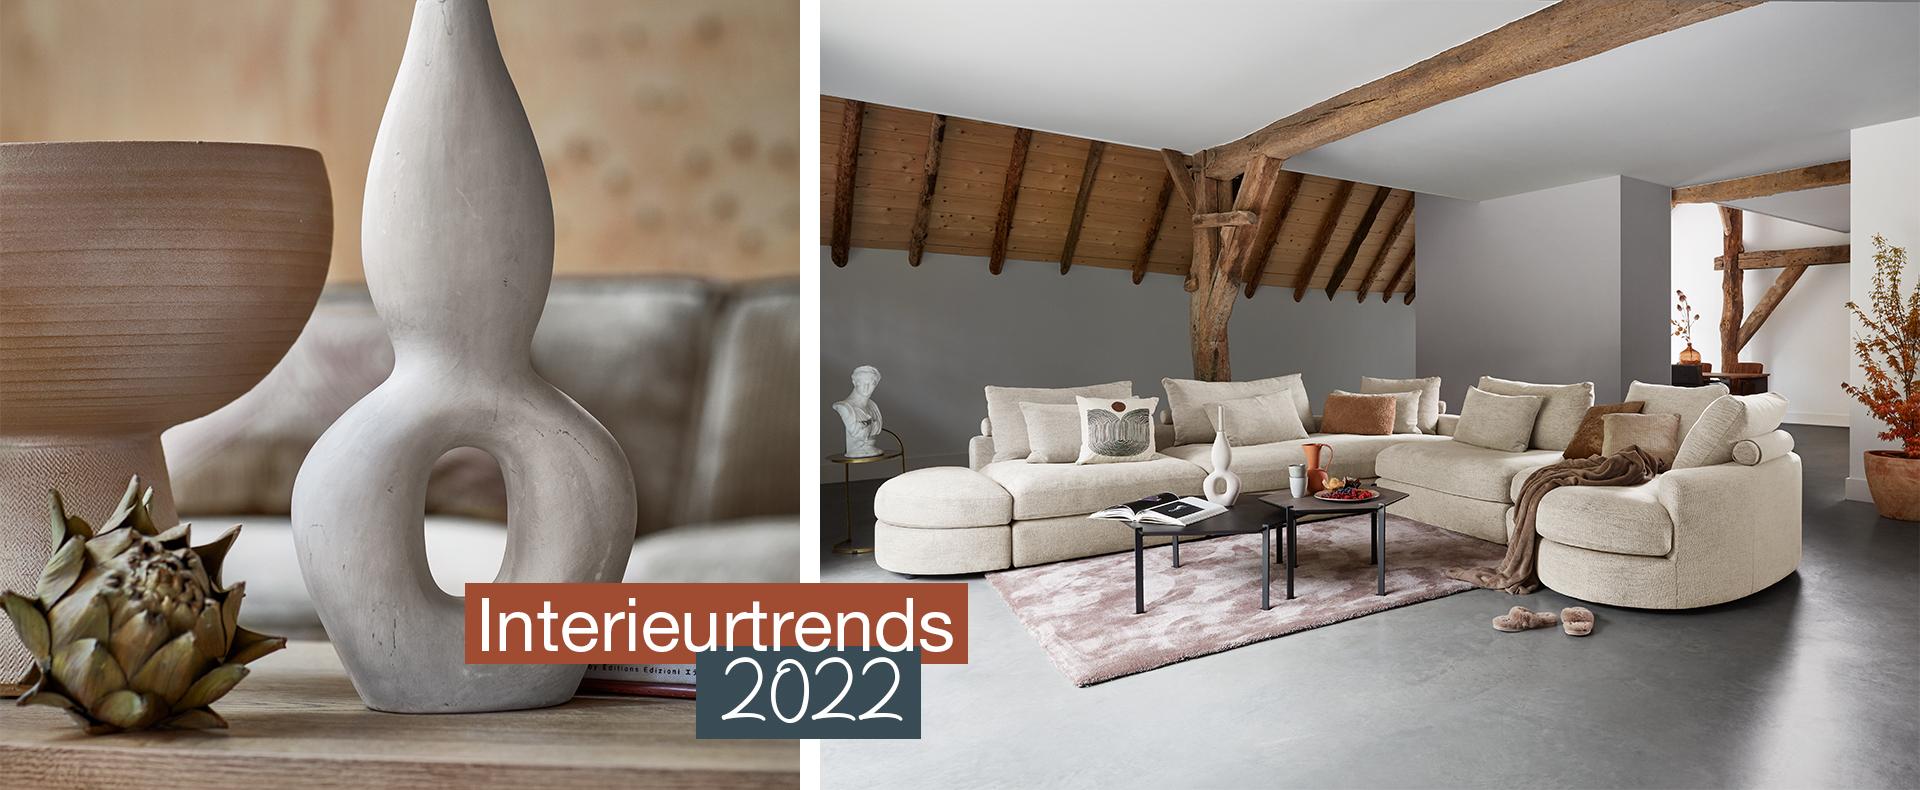 6x interieurtrends 2022; Dit zijn de trends en kleuren!